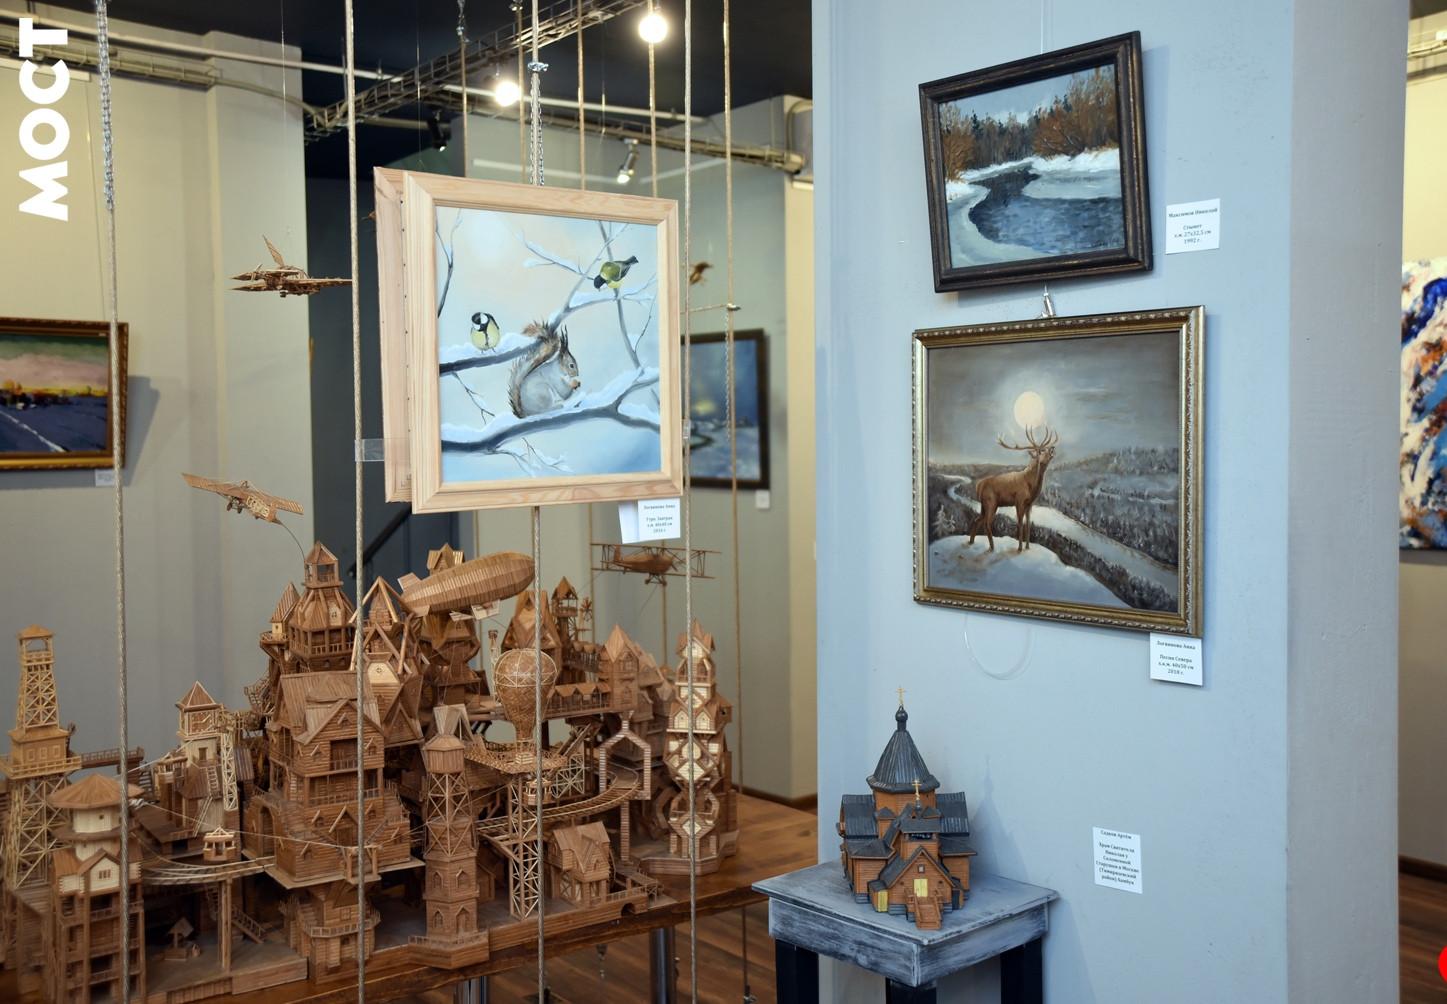 Арт галерея «Мост», «Зимний Салон 2019» & «Бамбук за гранью»